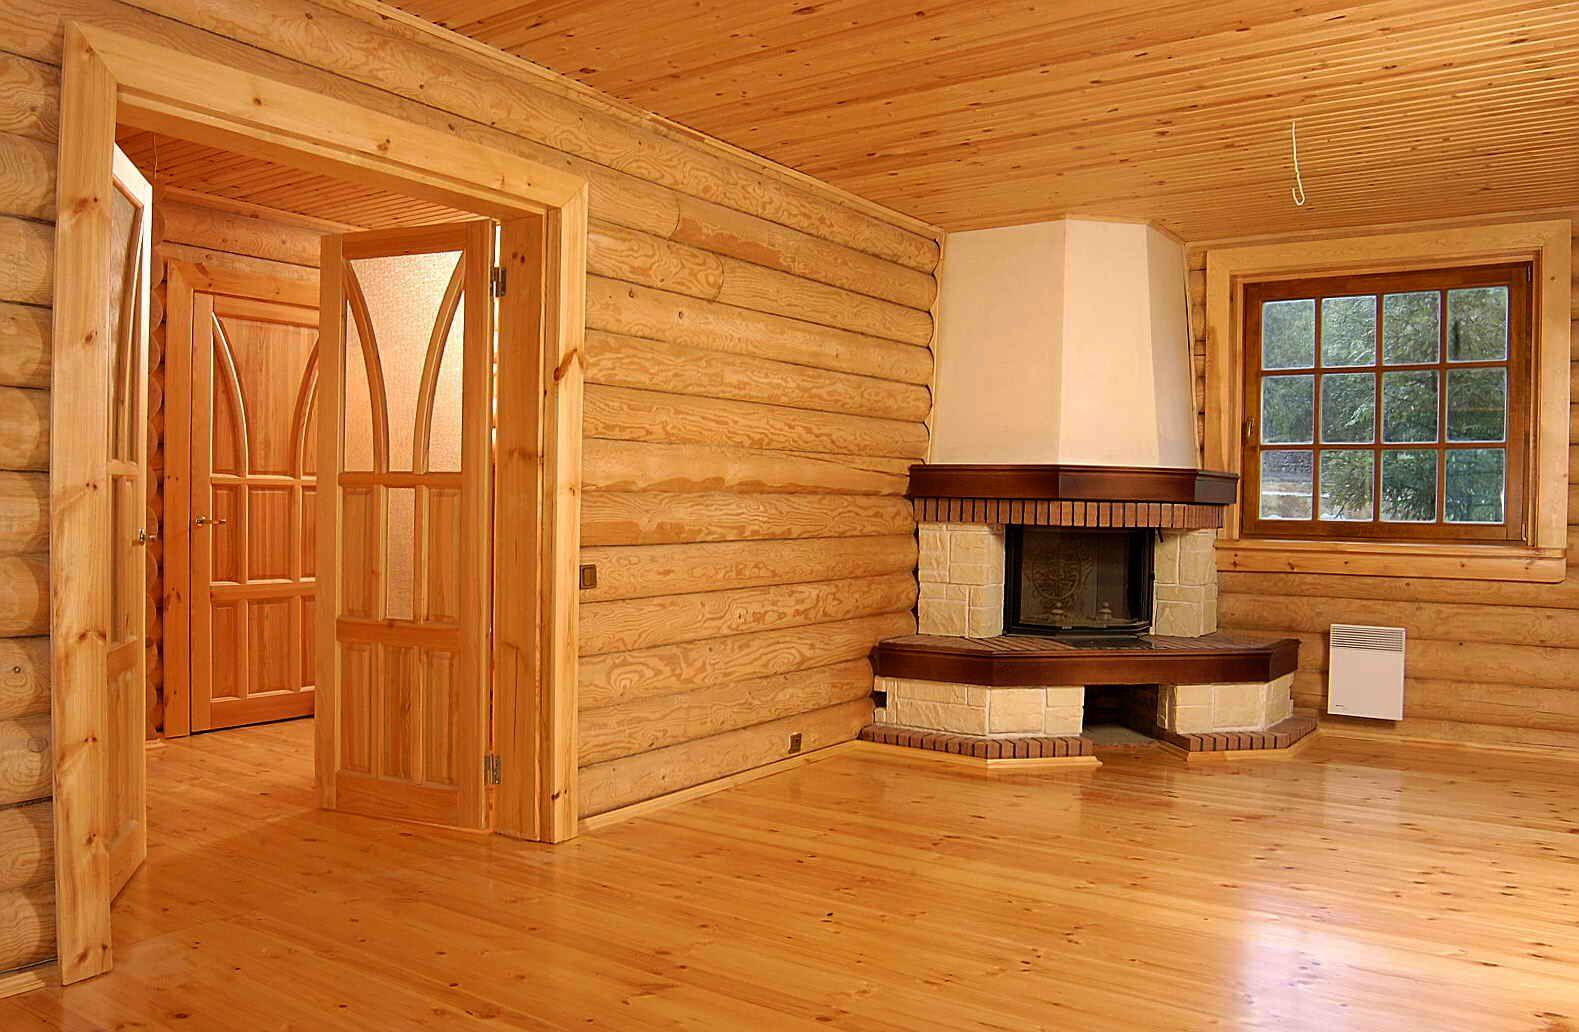 Дома изнутри фото